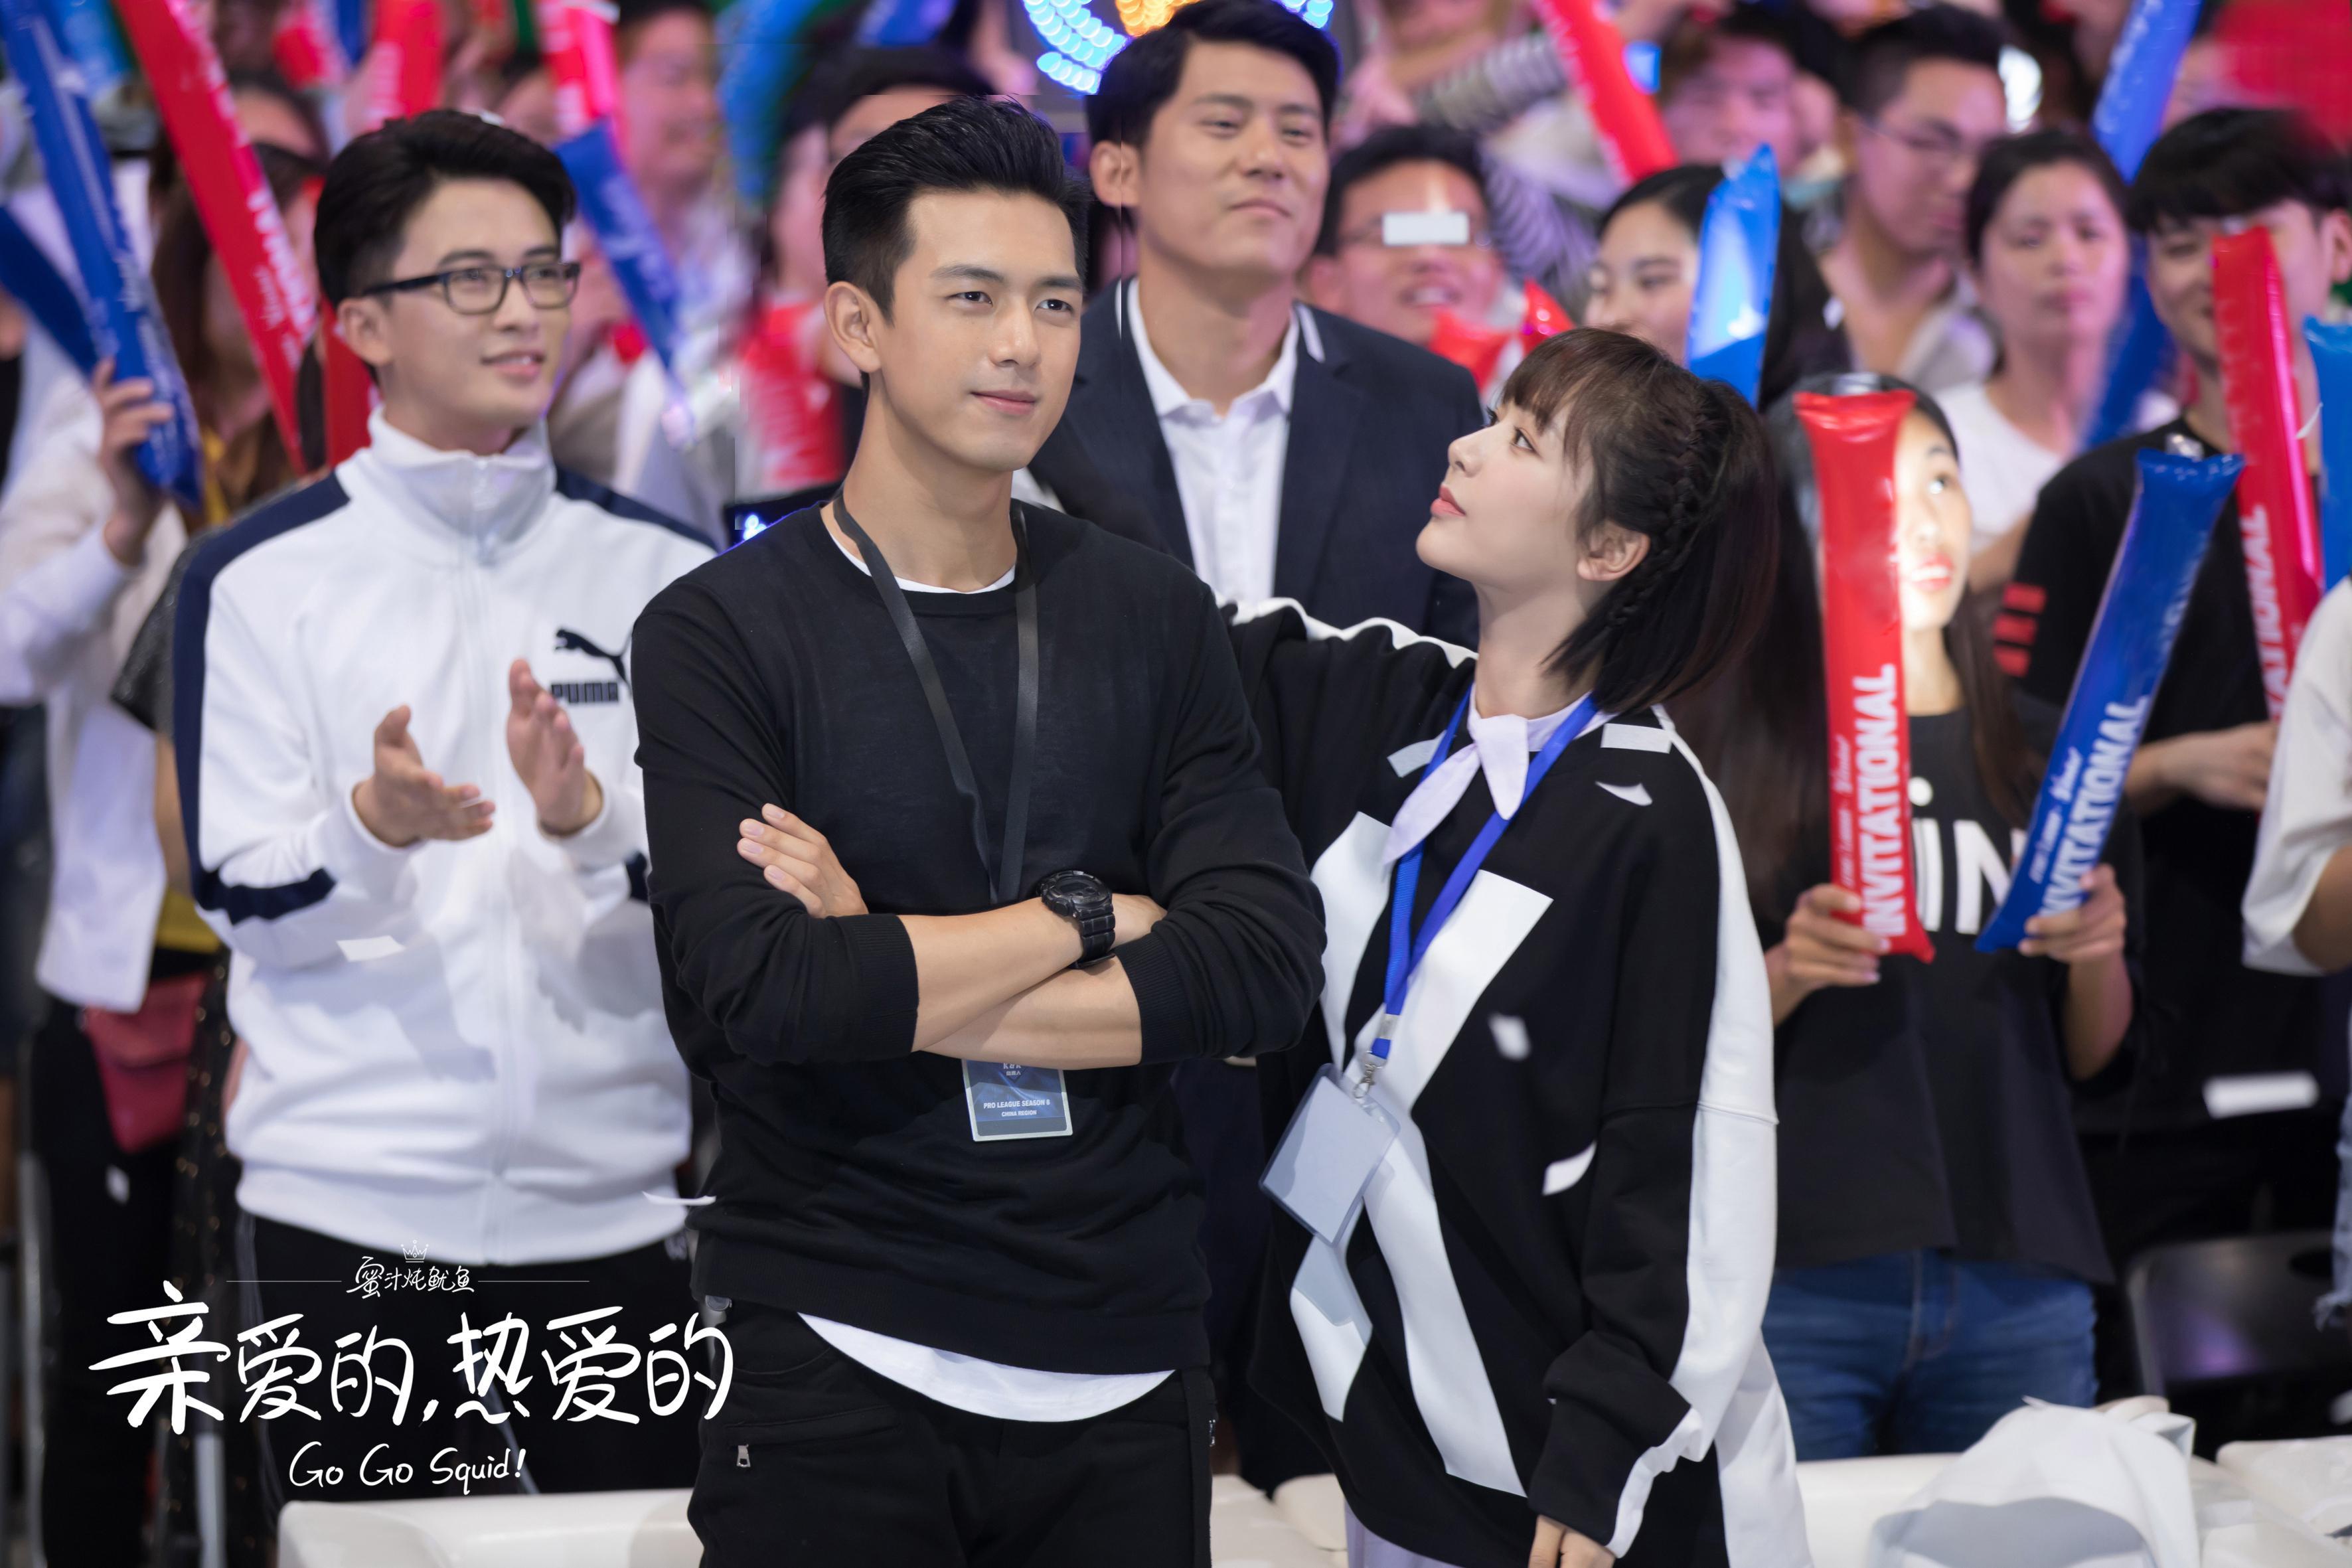 《亲爱的,热爱的》获《北京青年报》点赞:书写青春进行时